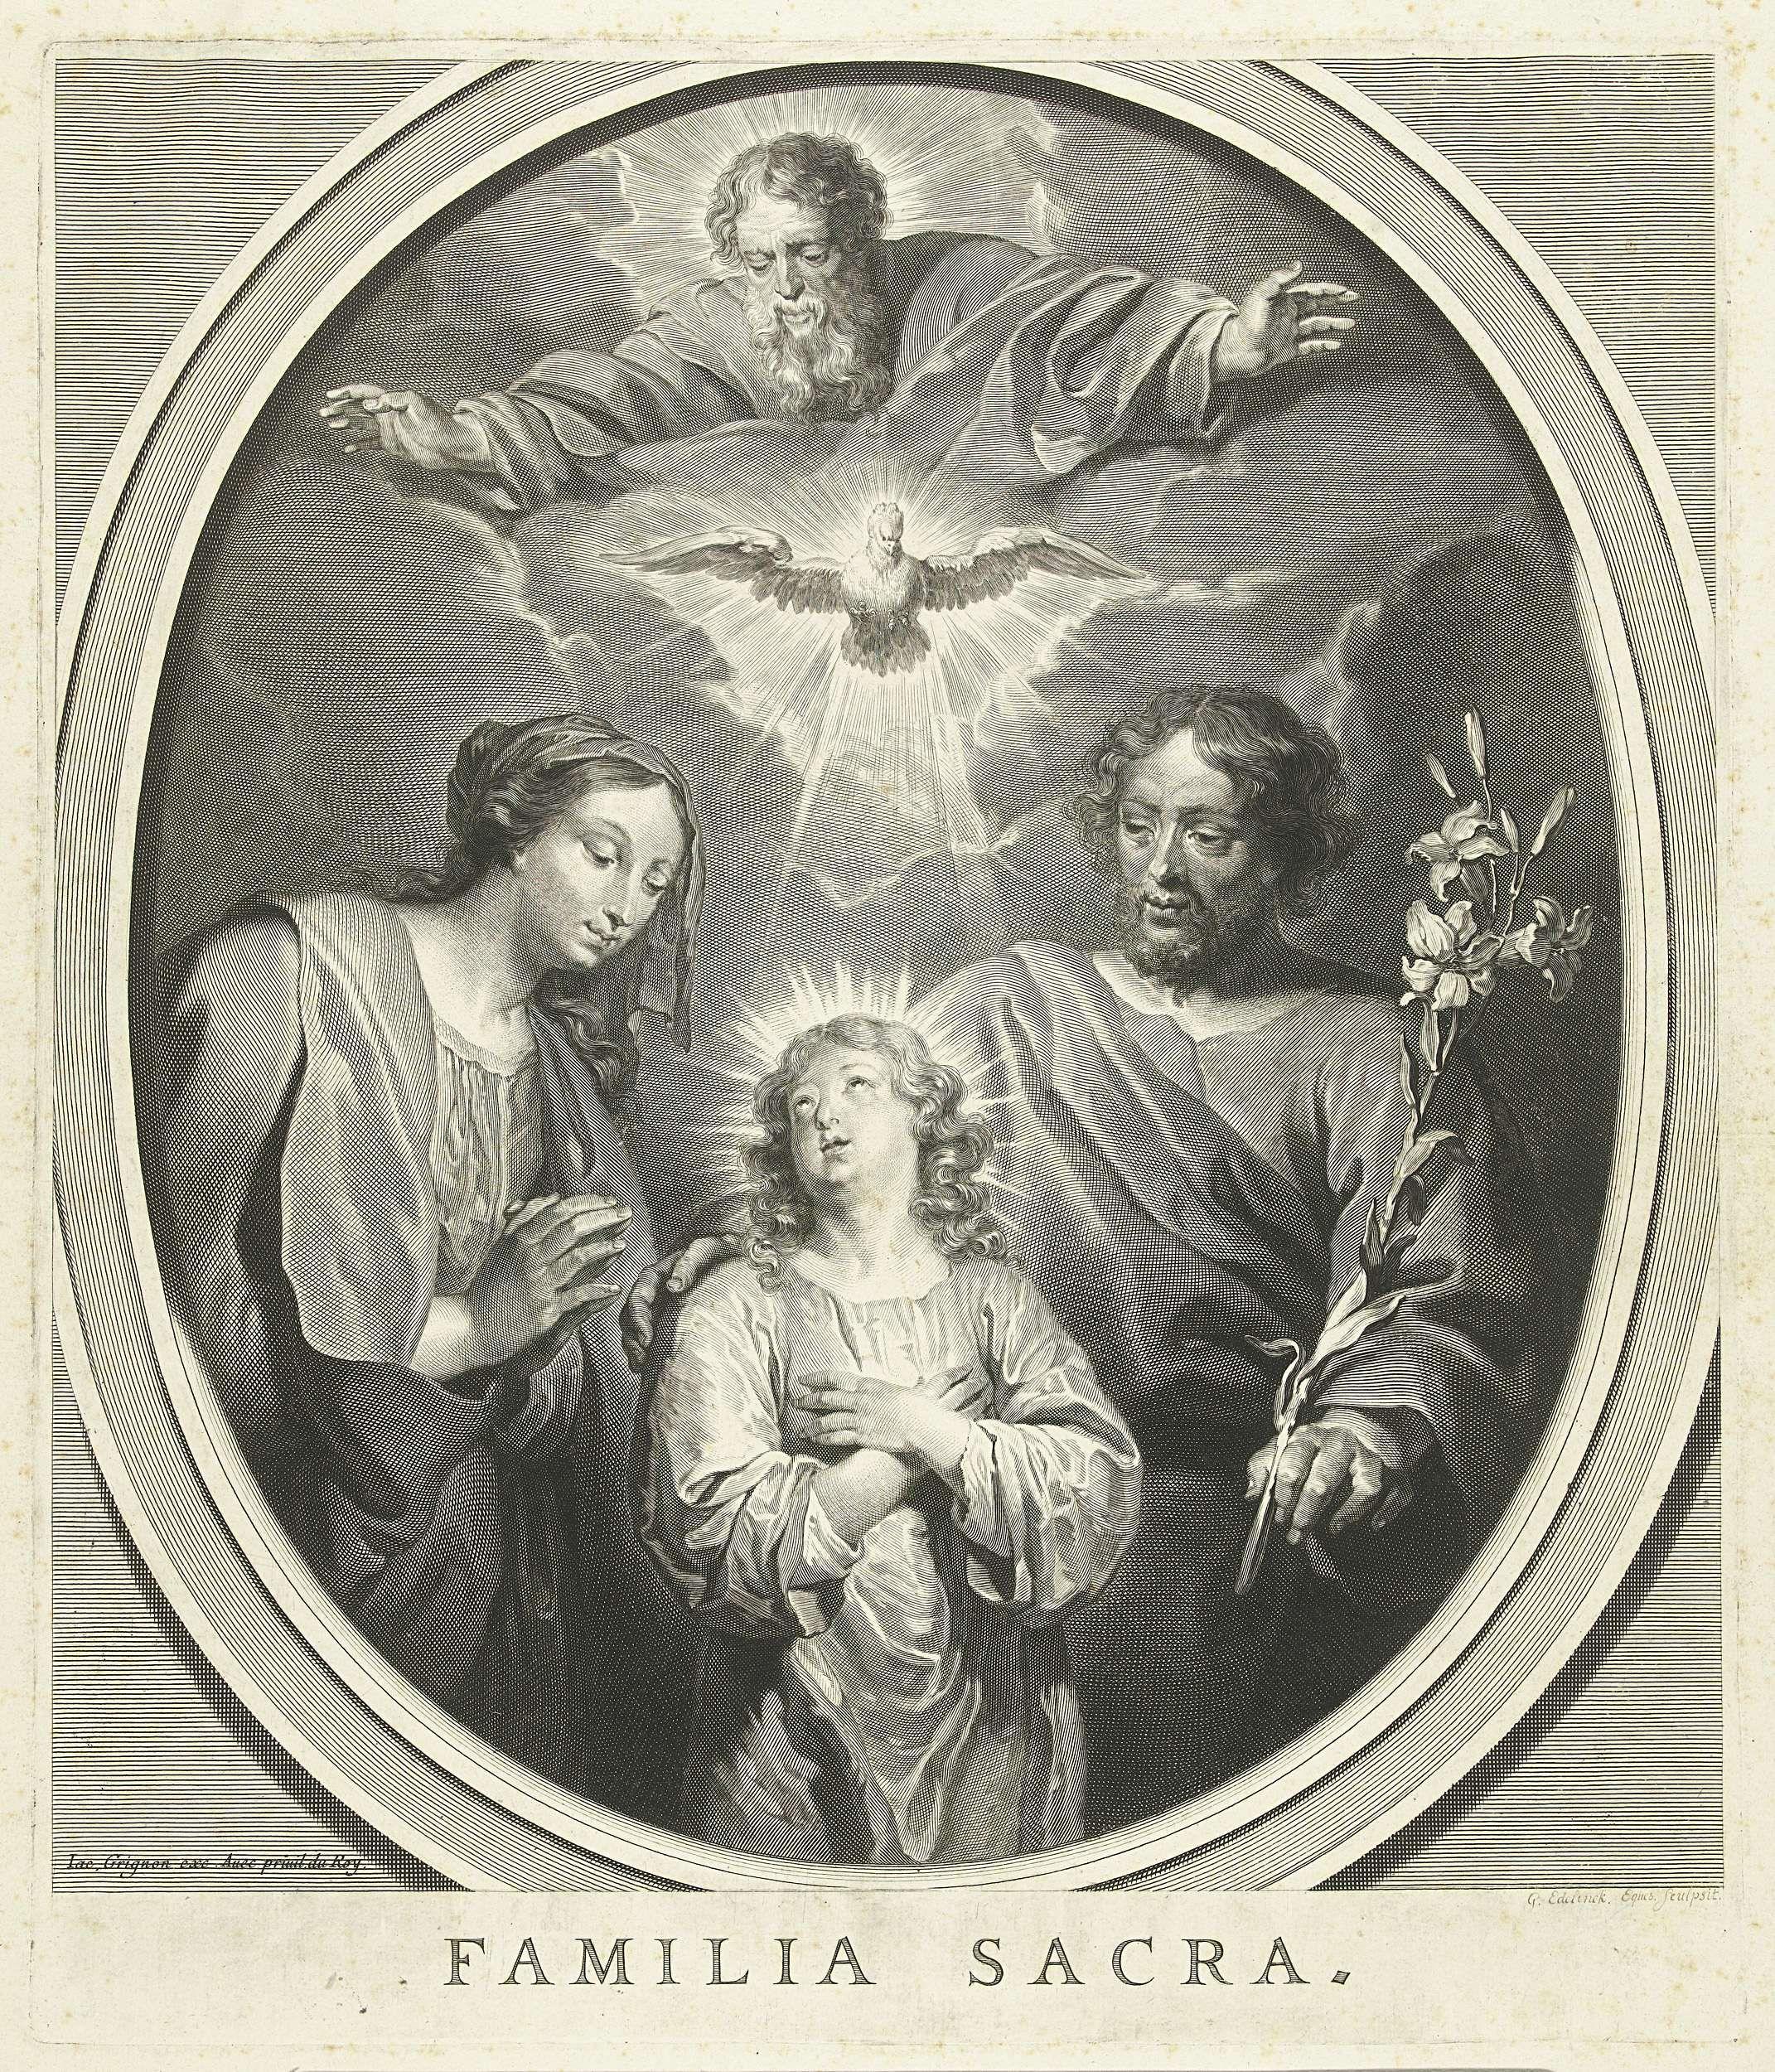 Gerard Edelinck   De heilige familie, Gerard Edelinck, Jacques Grignon, Lodewijk XIV (koning van Frankrijk), 1666 - 1707   Jozef met lelie en Maria kijken beiden naar Christus, die op zijn beurt omhoog kijkt naar God en de Heilige Geest in de vorm van een duif.